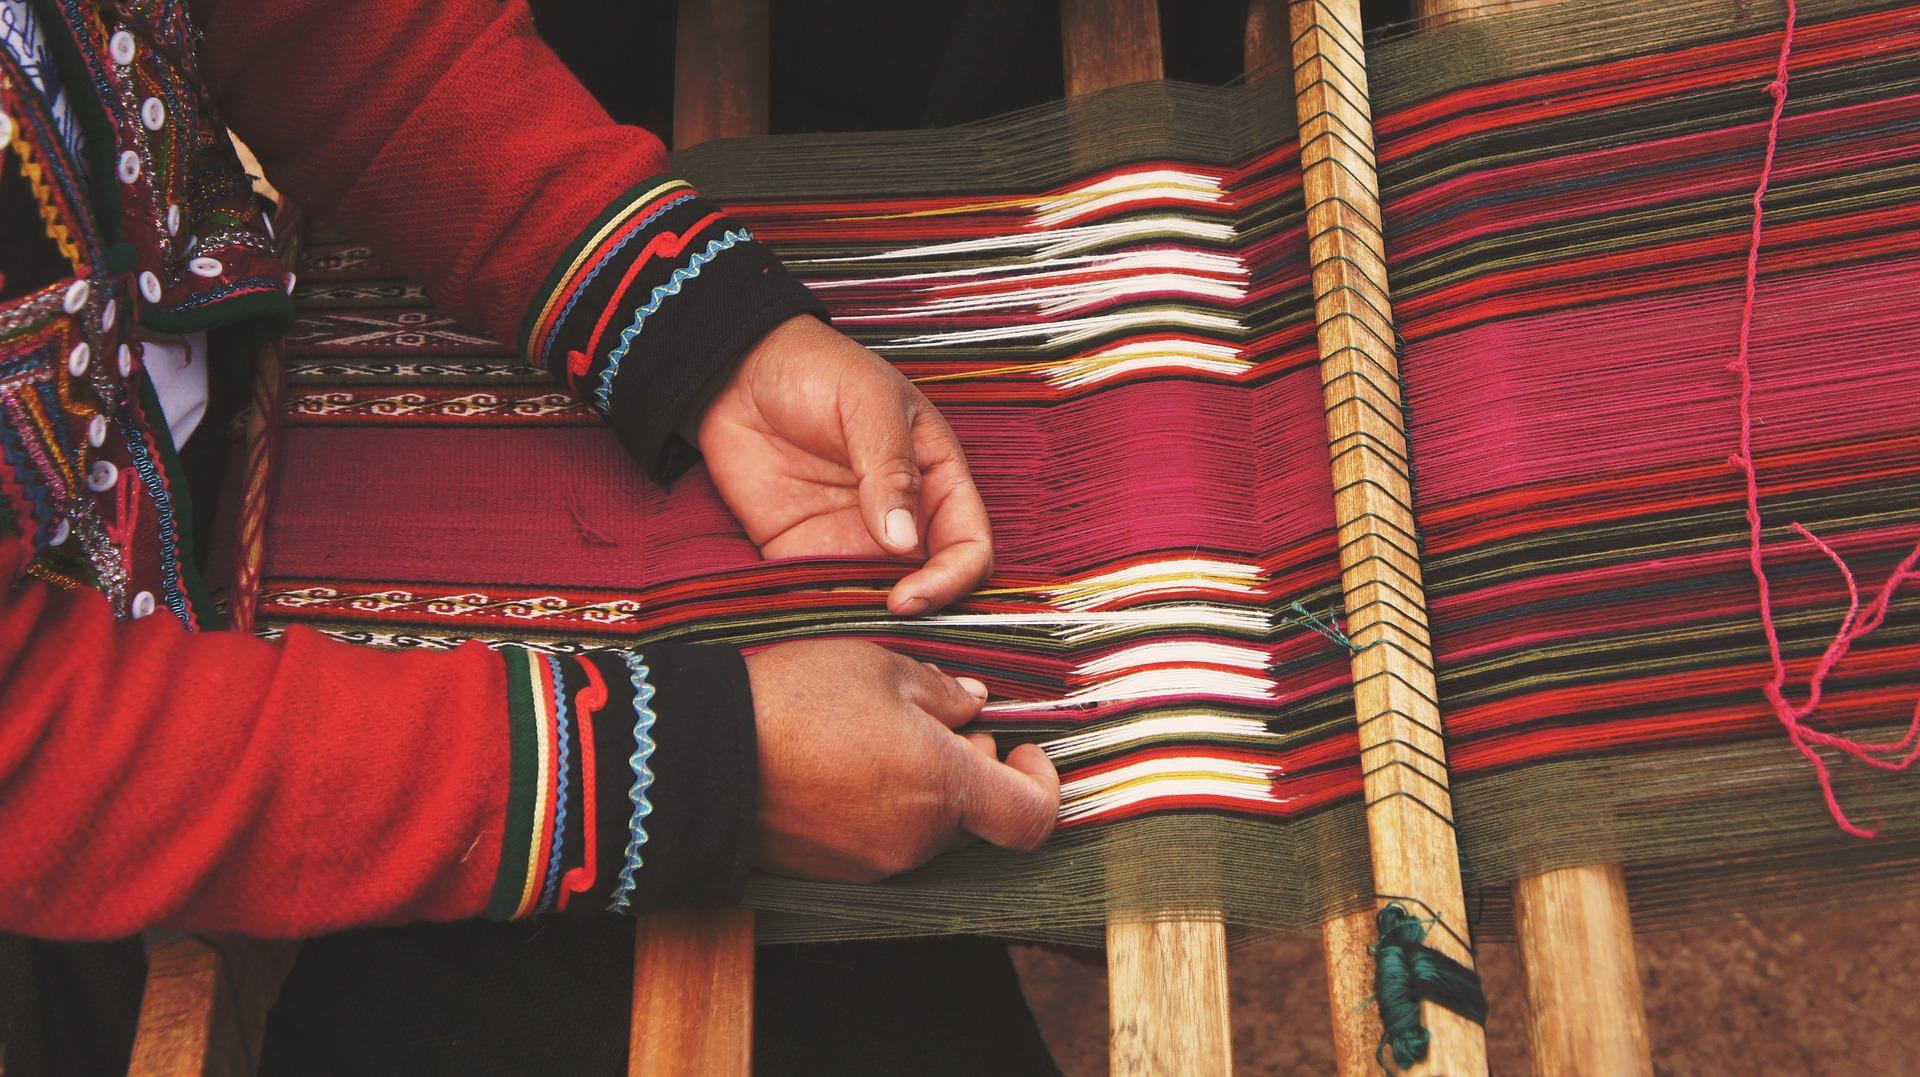 El sentido de la artesanía en la era de la tecnología